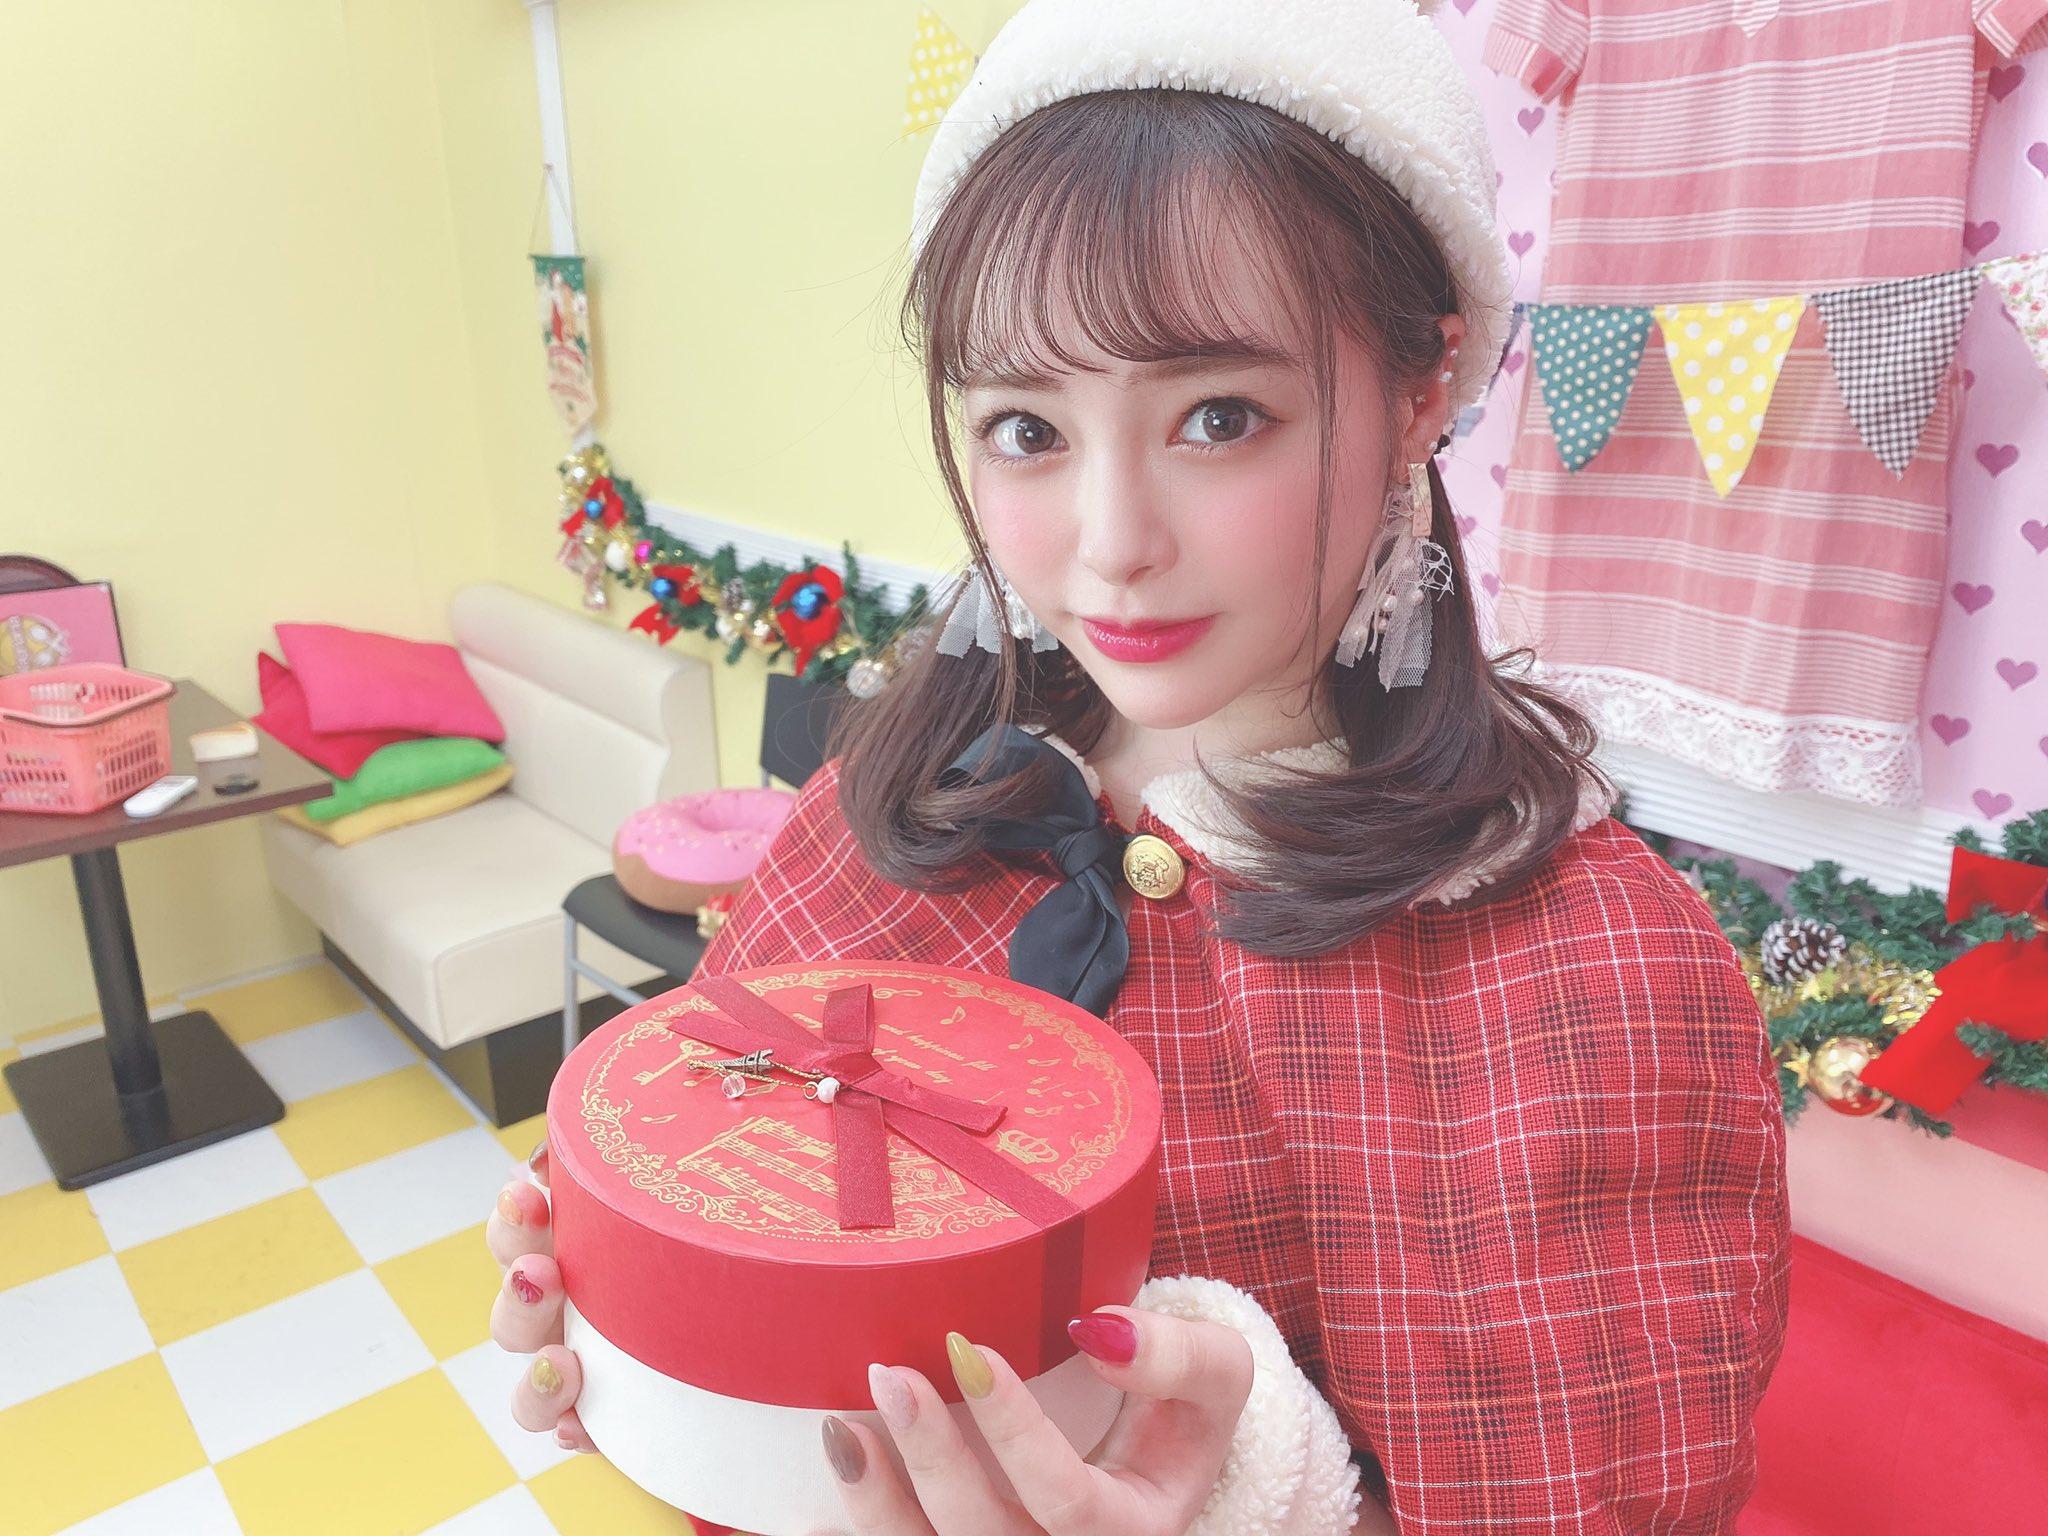 【画像あり】福原遥さん似のAV女優がめちゃくちゃシコい